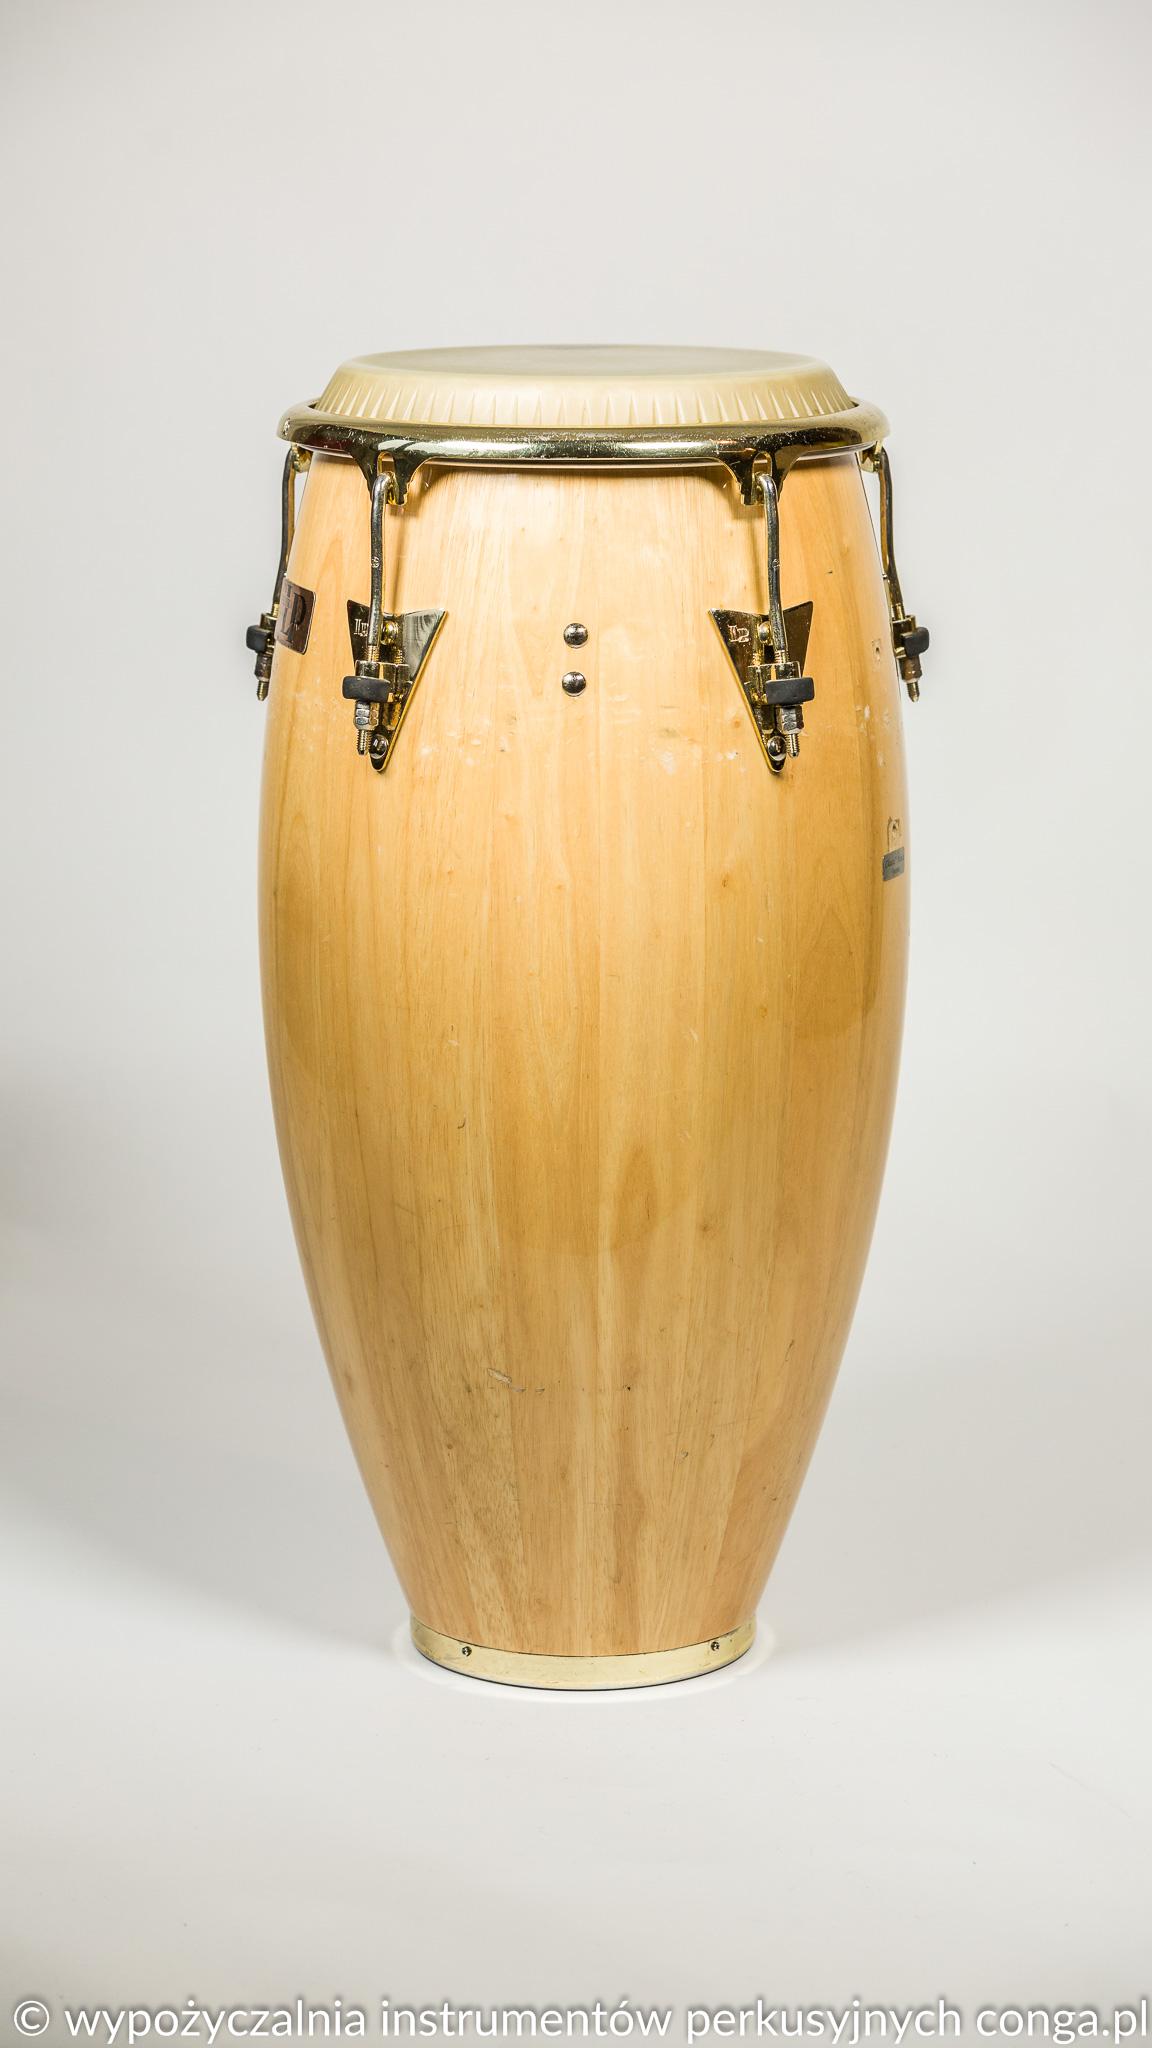 LP522X-AW-CLASSIC-SERIES-WOOD-QUINTO---Wypożyczalnia-instrumentów-perkusyjnych--CONGA.PL--0256.jpg